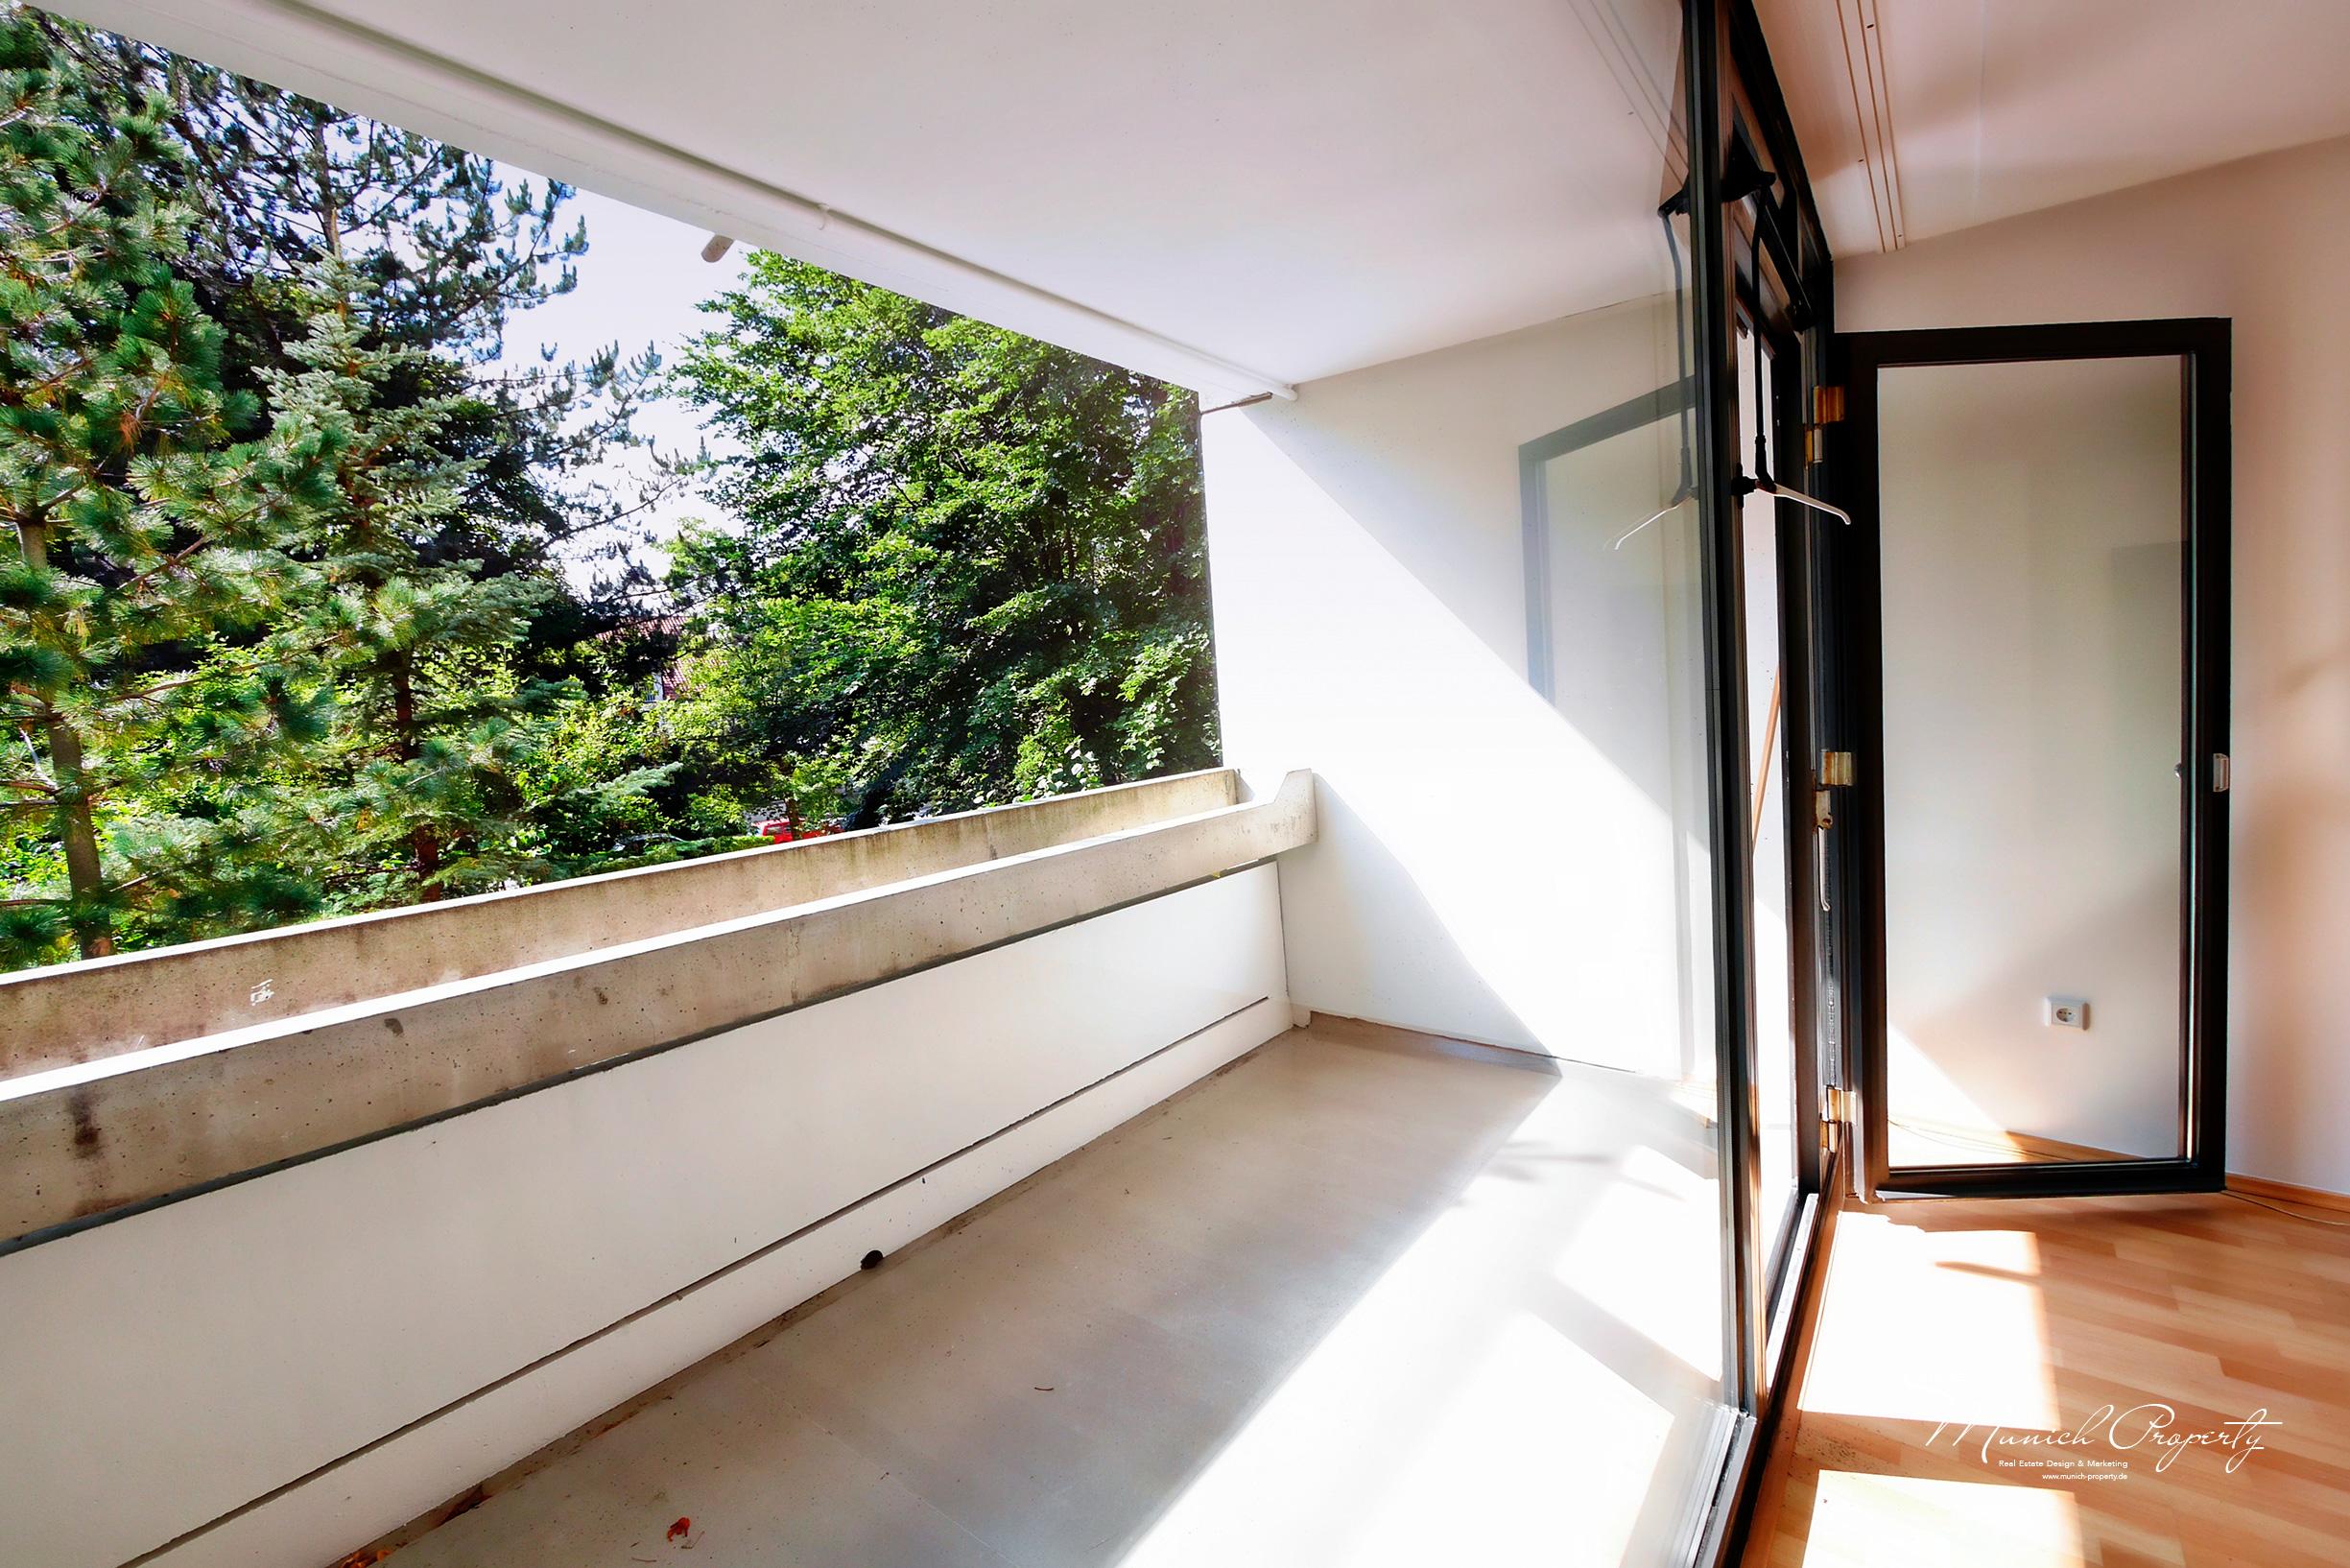 Wohnung München Bogenhausen Fideliopark Knappertsbuschstrasse: Wohnzimmer Balkon